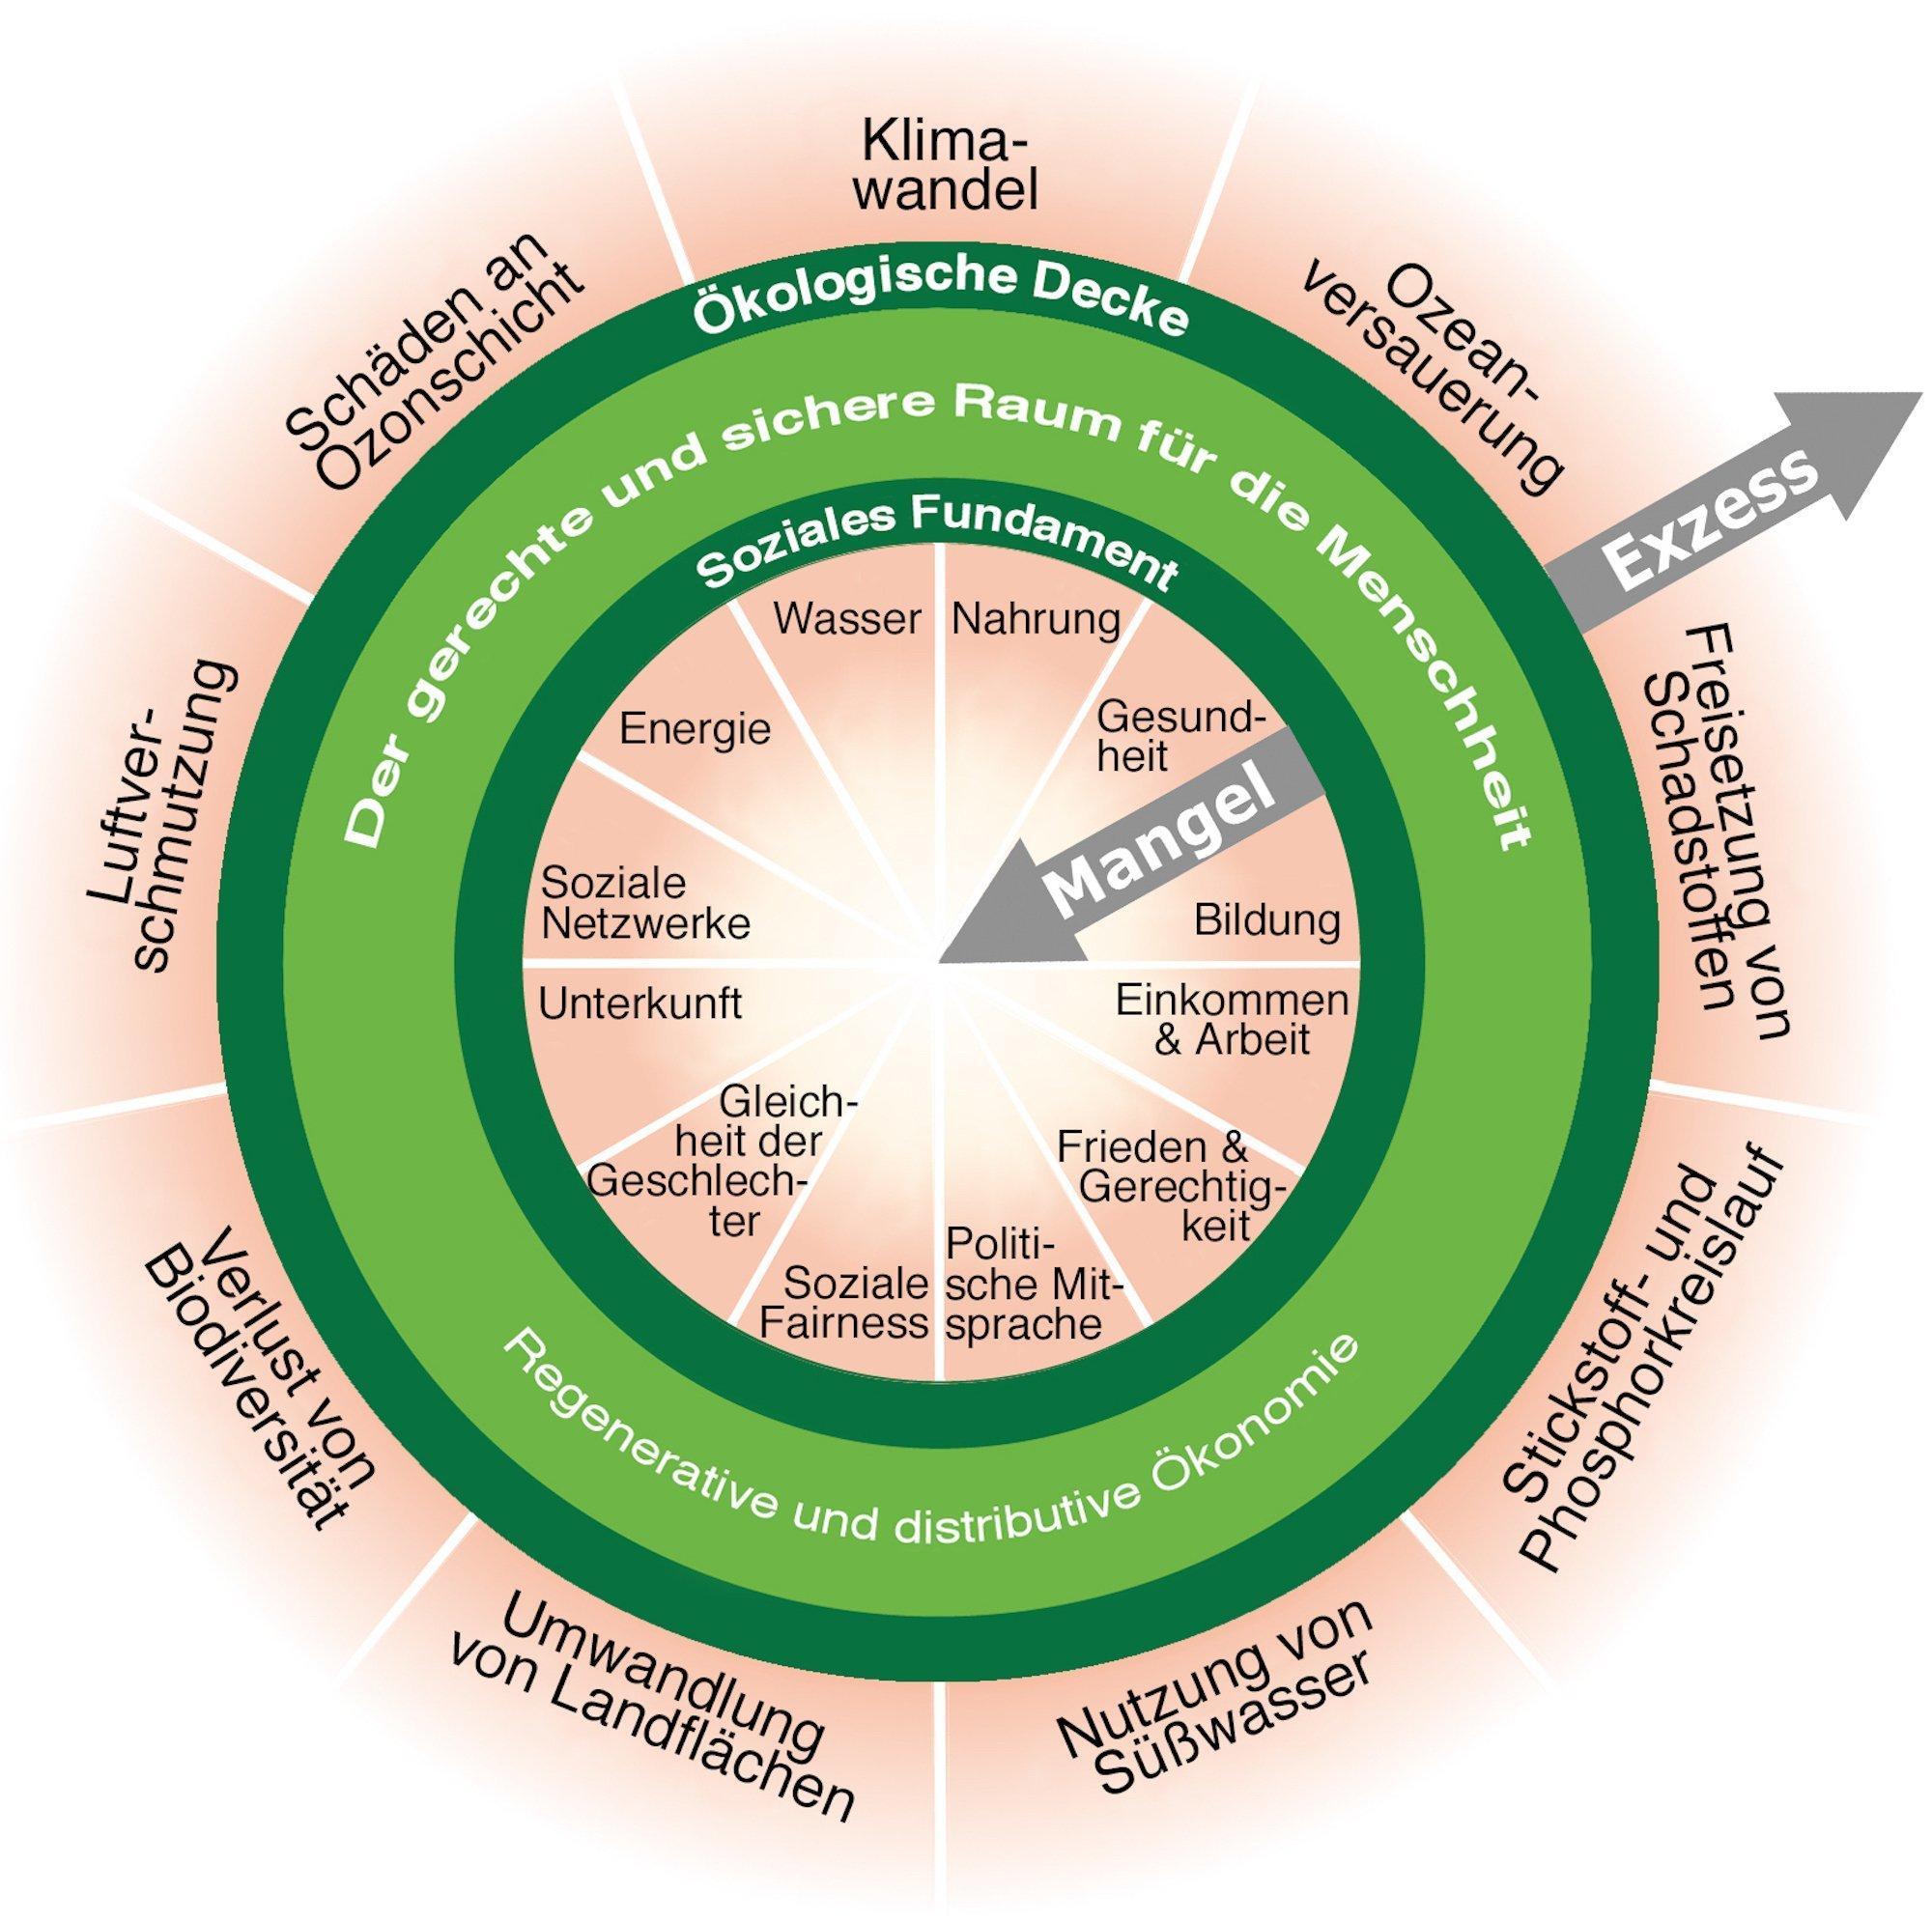 """Eine Grafik zeigt das Konzept der Donut-Ökonomie: Innen ein soziales Fundament, das in zwölf Aspekte gegliedert ist. Werden sie nicht erfüllt, tritt Mangel ein, wie ein nach innen weisender Pfeil zeigt. Außen gibt eine ökologische Decke mit neun Elementen. Verbraucht ein Staat oder die Menschheit zu viel, kann die Natur überfordert werden und das Lebenserhaltungssystem des Planeten bricht zusammen. Die beiden Grenzen sind als konzentrische grüne Kreise gezeigt, dazwischen liegt ein """"sicherer und gerechter Lebensraum"""" für die Menschheit."""